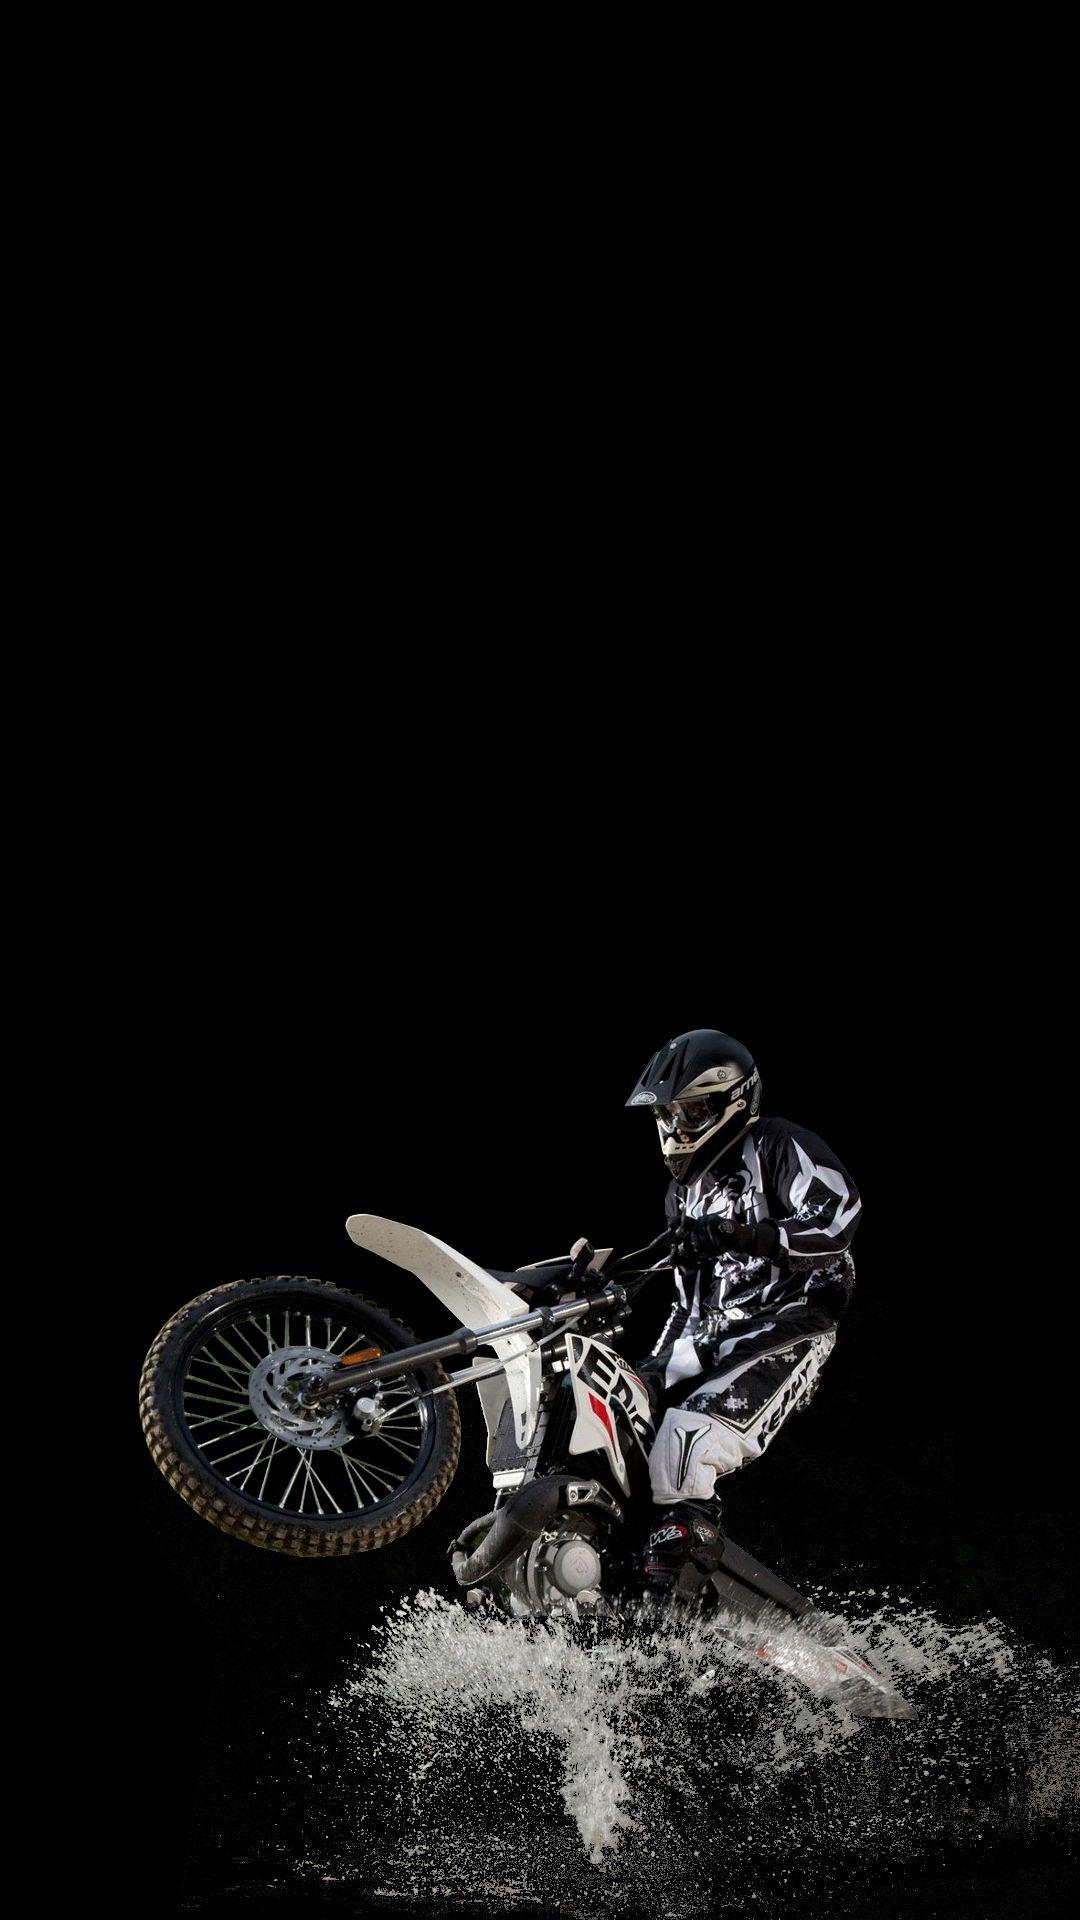 Épinglé par Steve Albers sur Cool Wallpapers Motocross